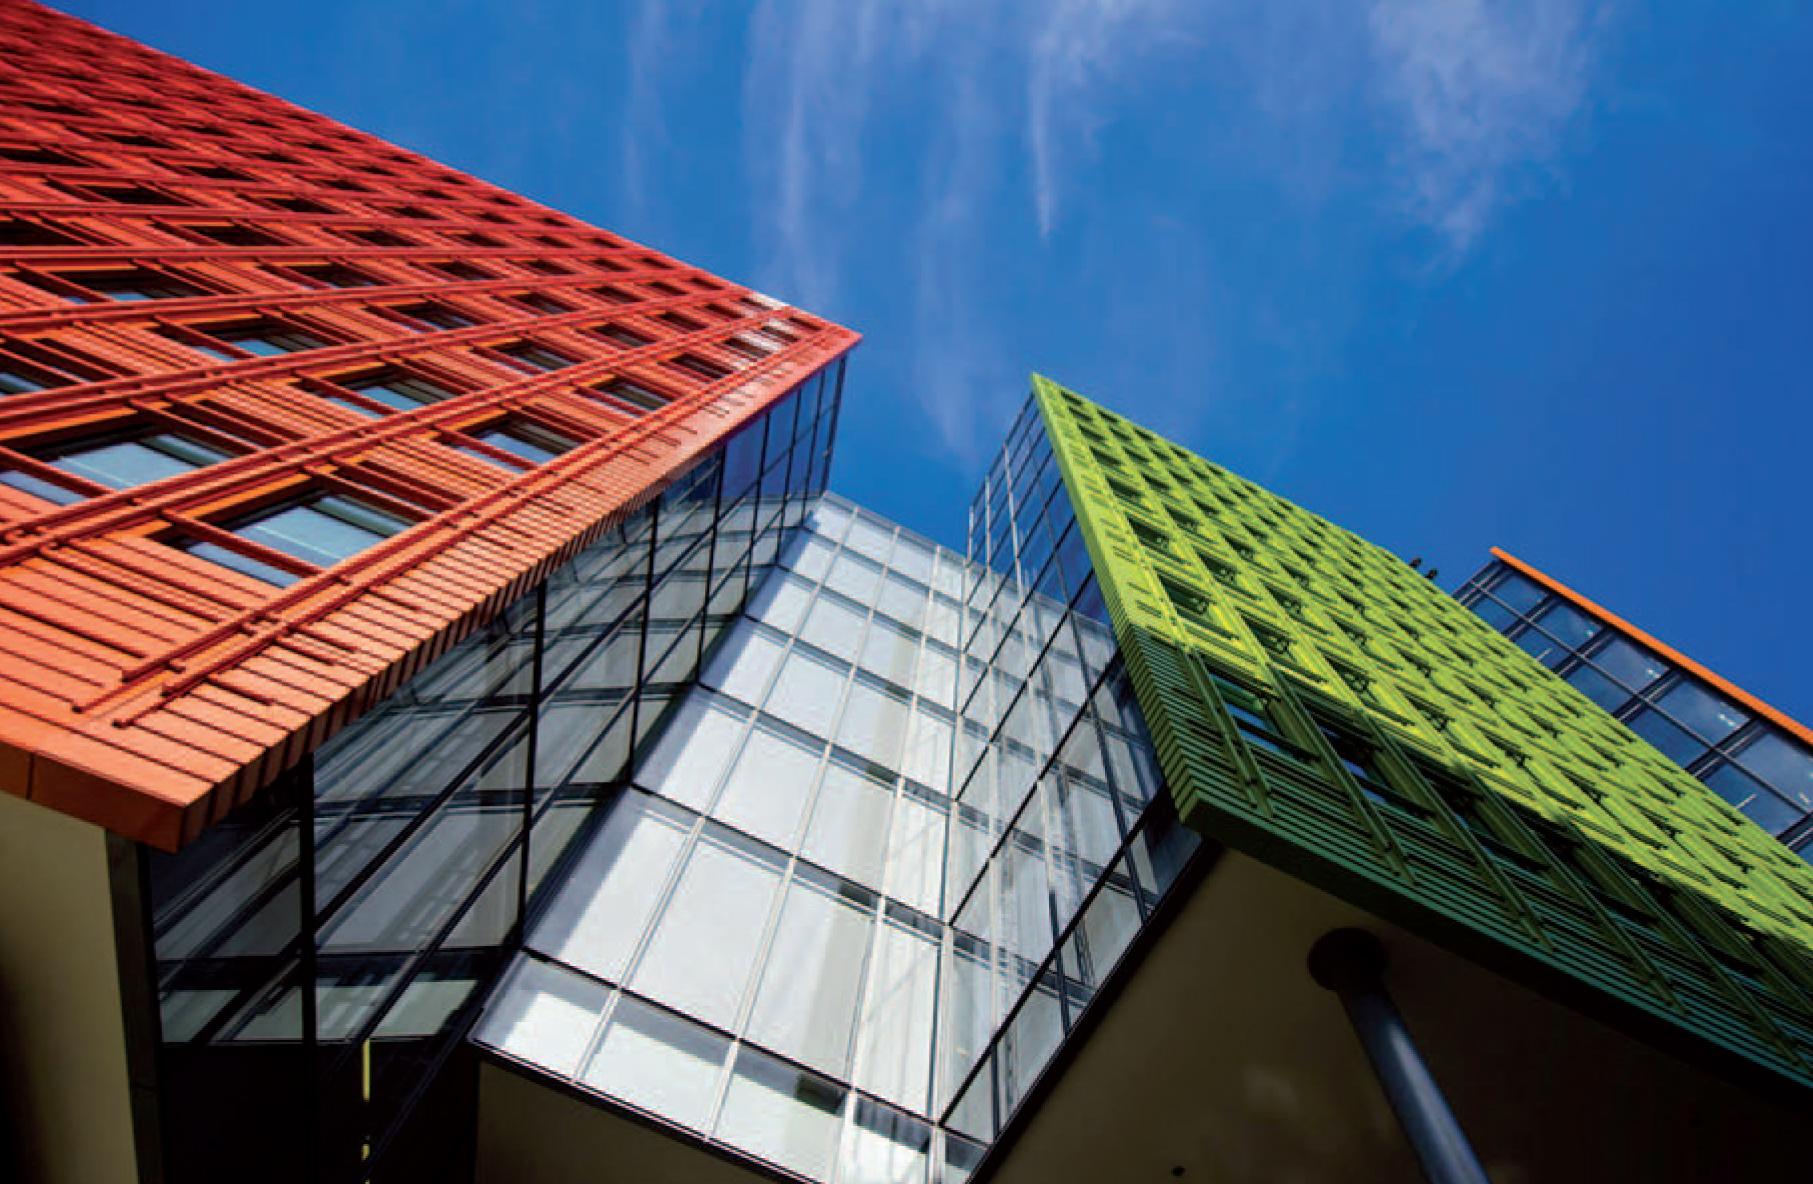 Οι σύγχρονες τάσεις στα αρχιτεκτονικά χρώματα πούδρας